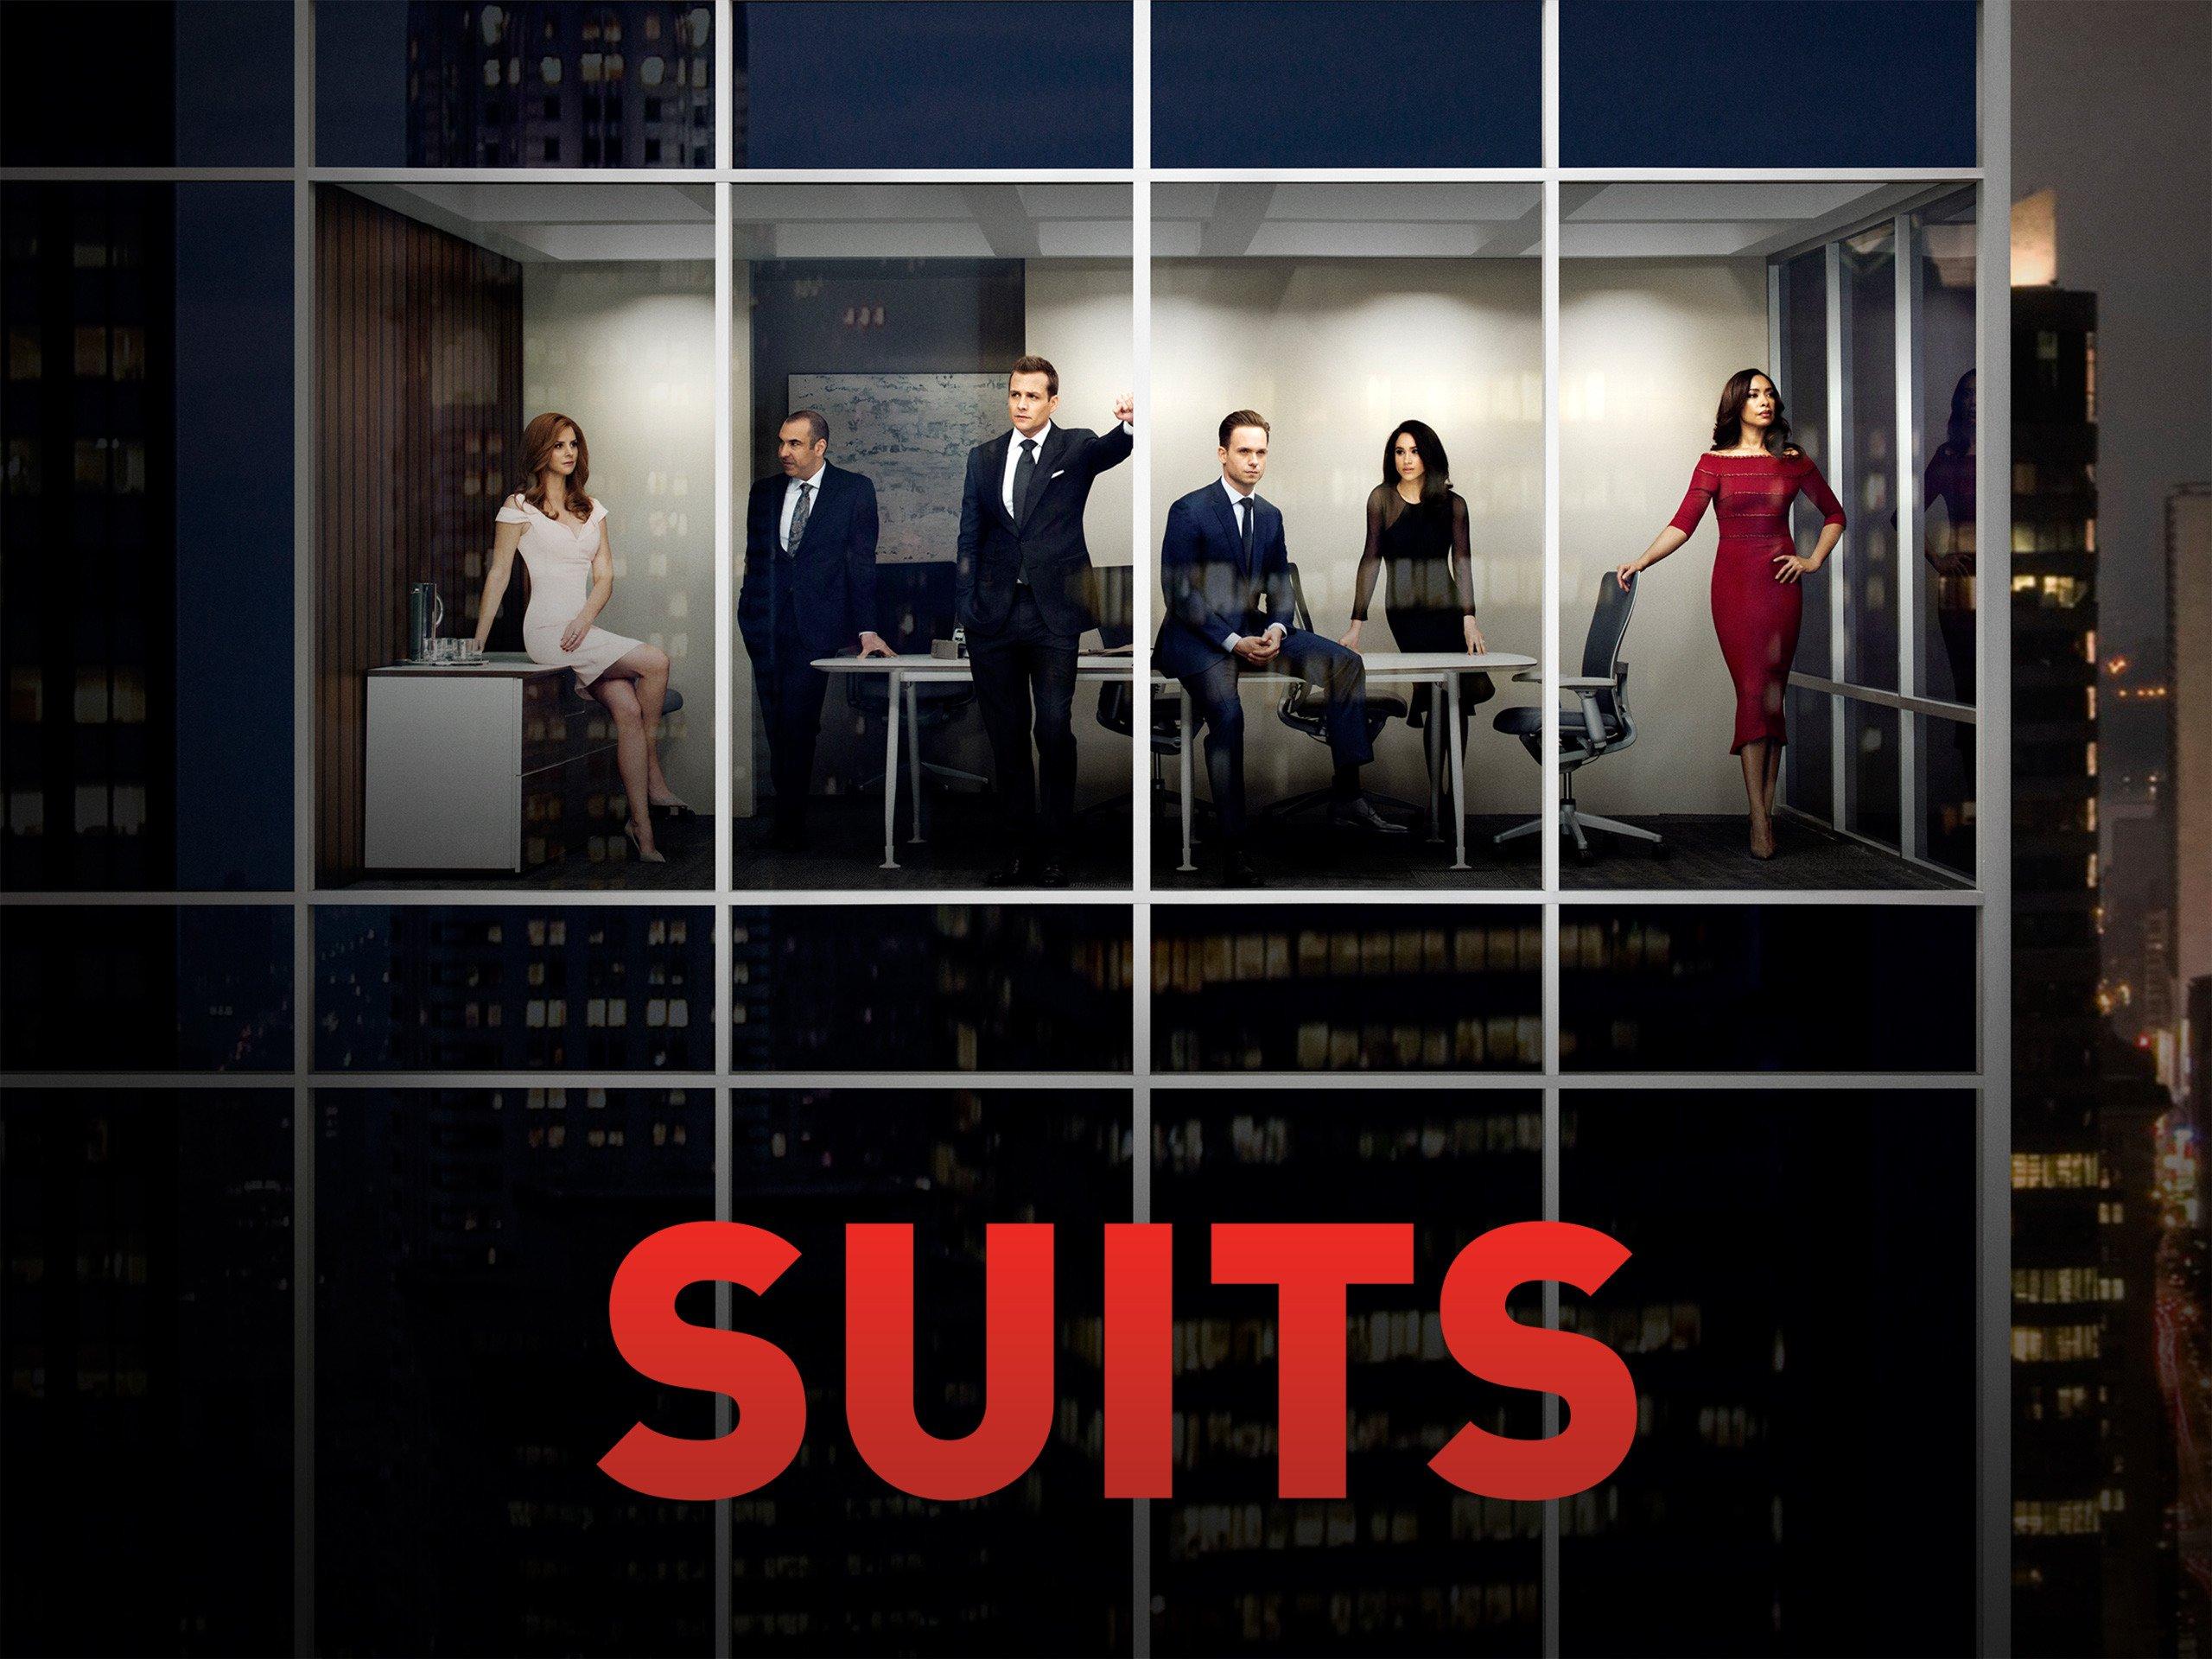 Suits Season 5 - Season 5